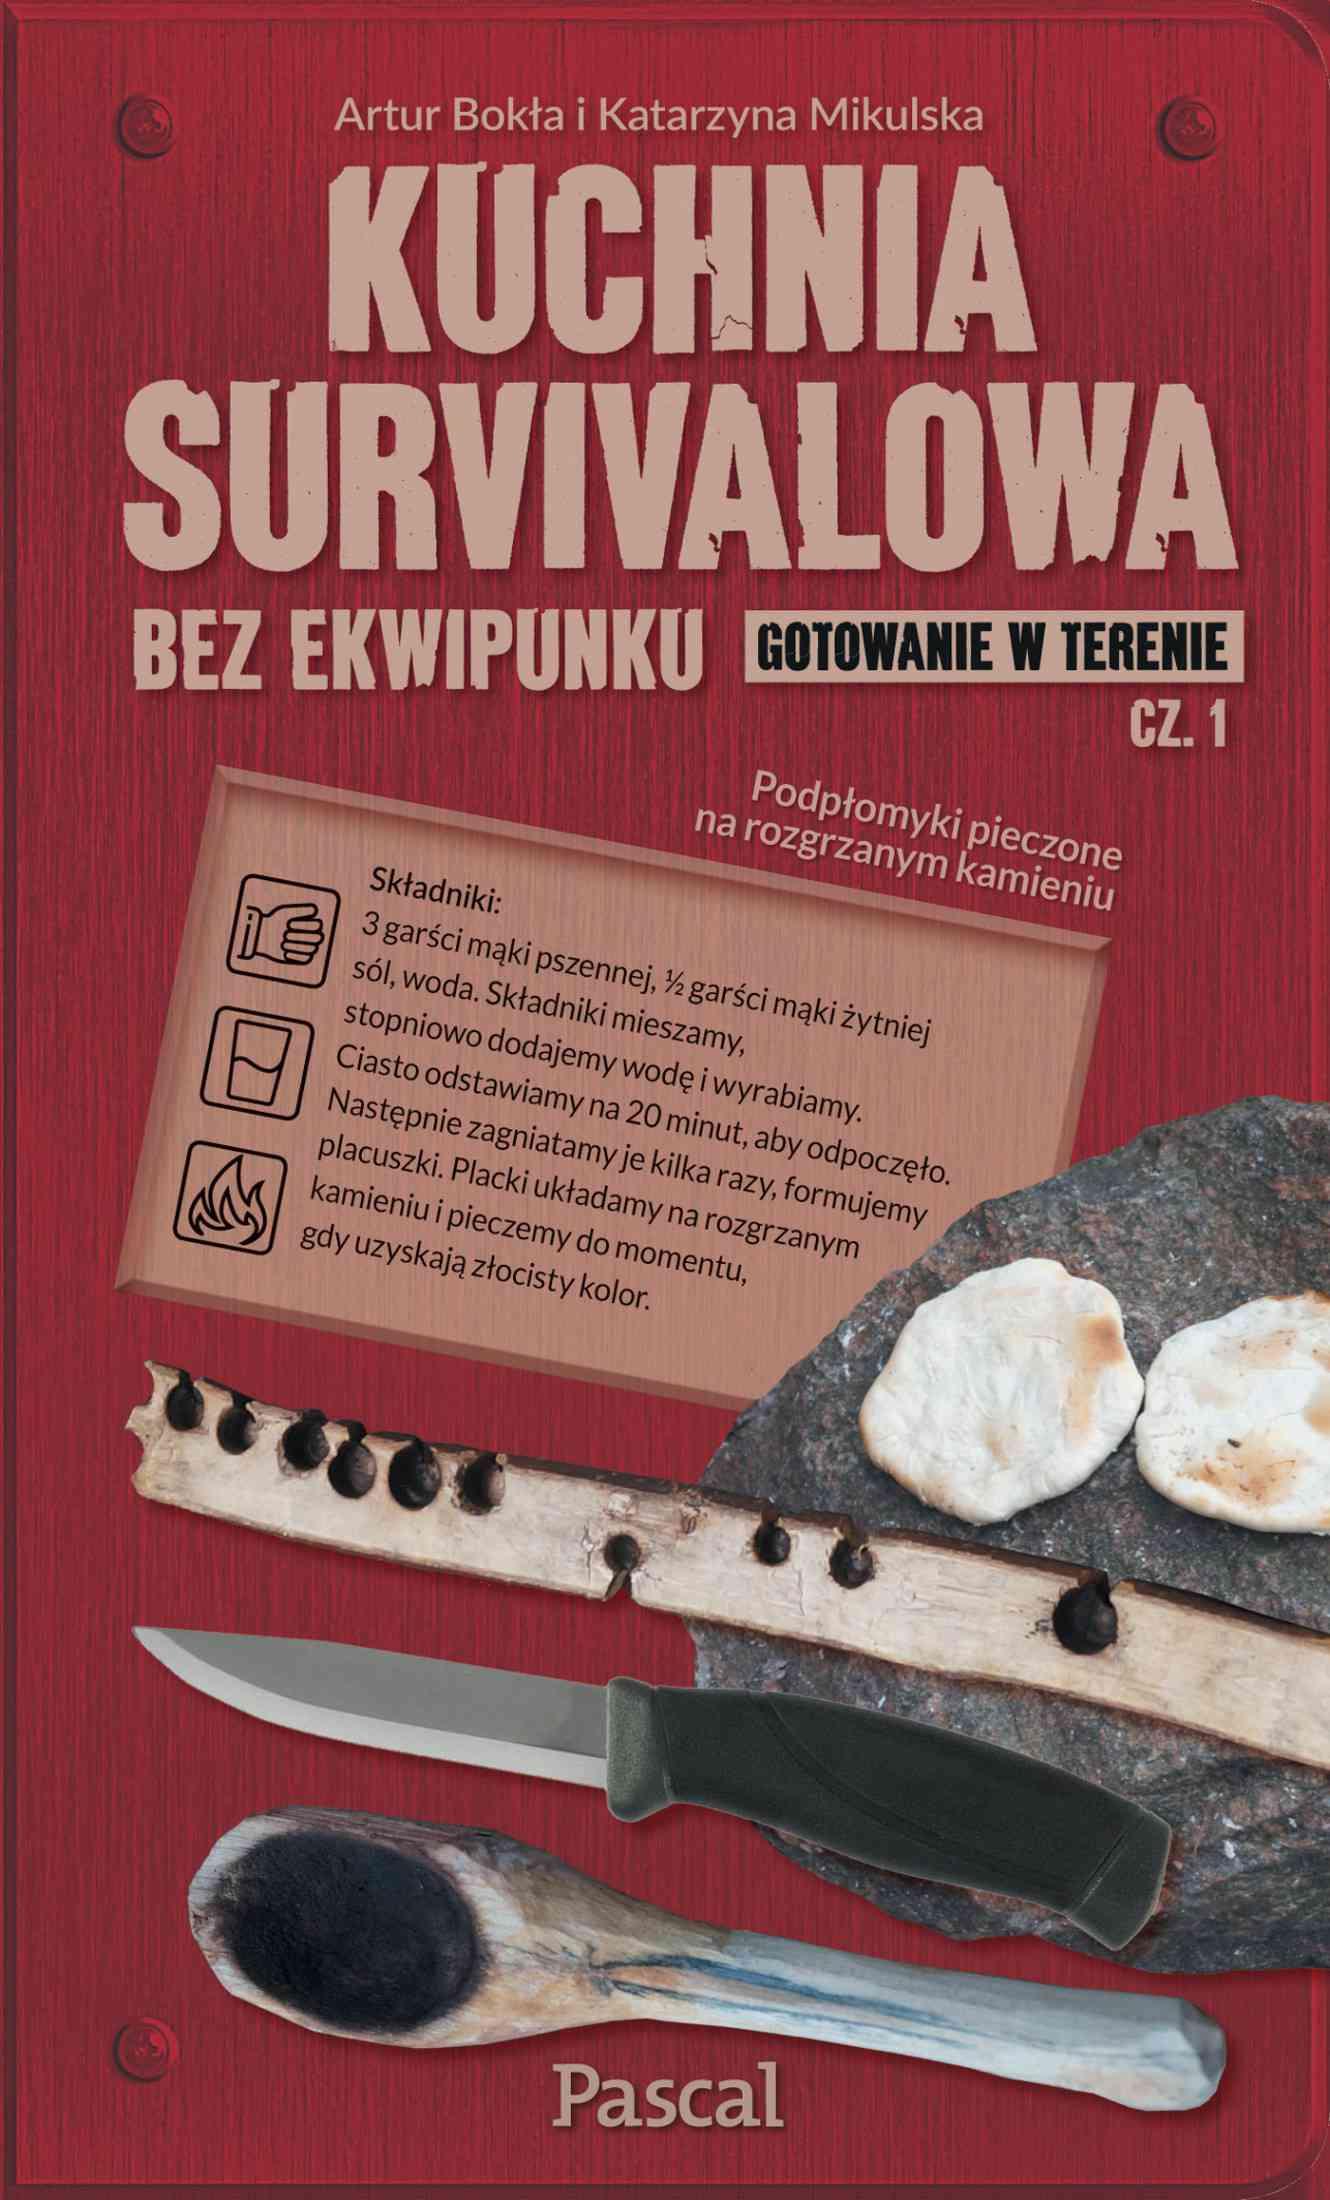 Kuchnia survivalowa. Część 1 - Ebook (Książka na Kindle) do pobrania w formacie MOBI